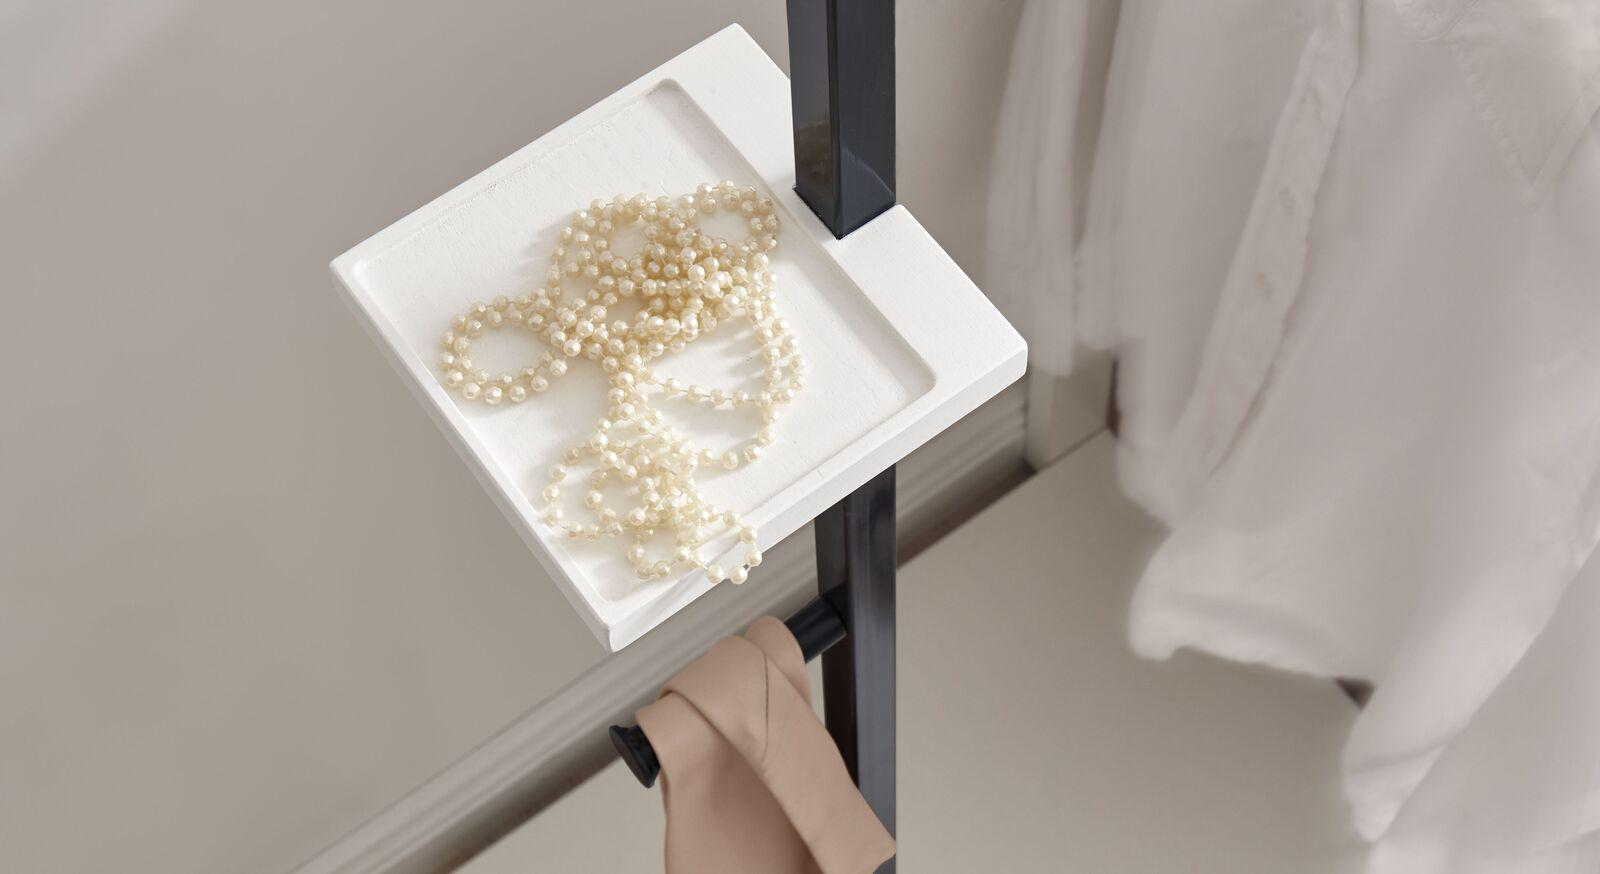 Ablageplatte der Garderoben-Kommoden